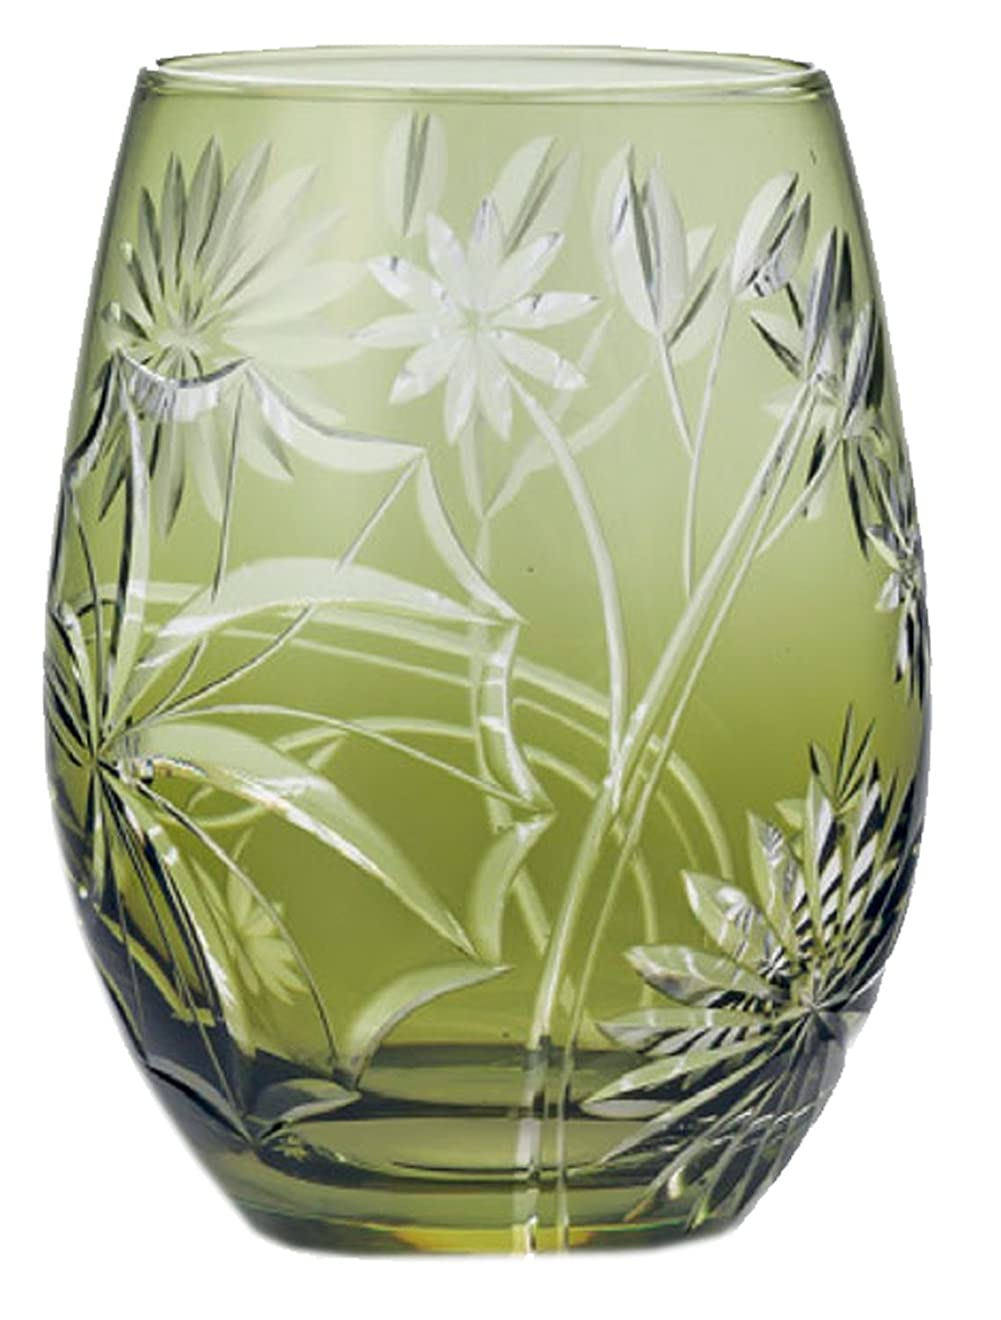 勉強する虫を数える投げる東洋佐々木ガラス タンブラー グリーン 420ml キリコ ツワブキ  HG111-56WG